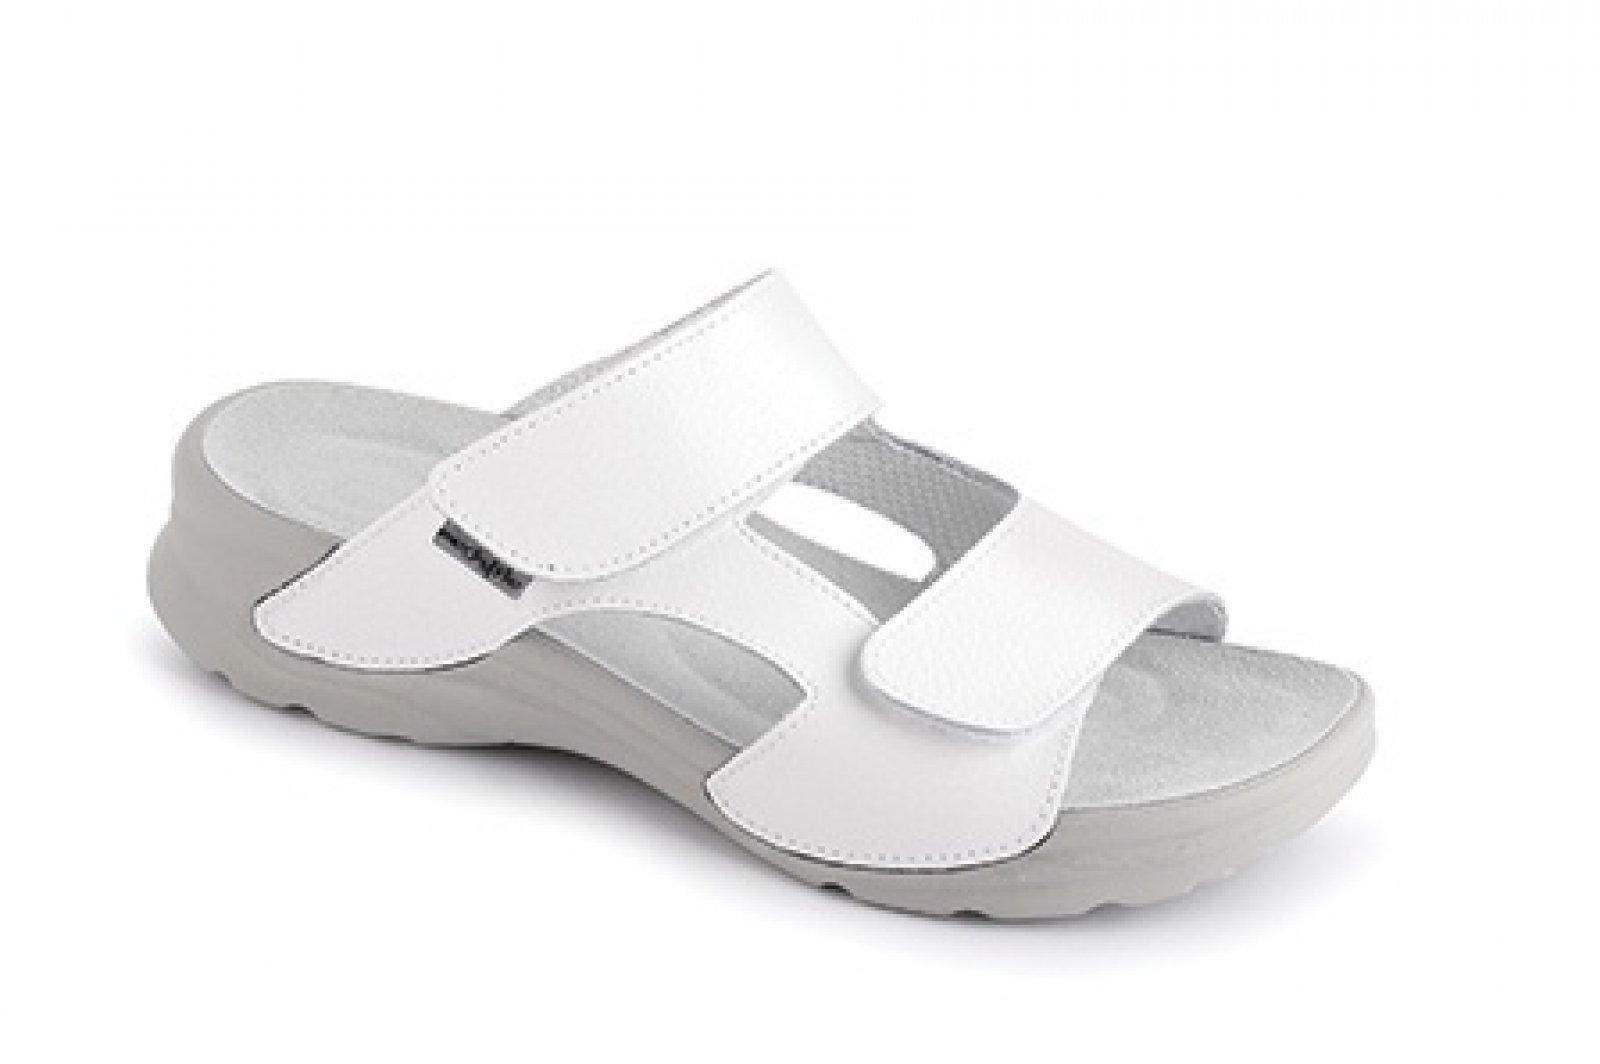 dámské pantofle Medistyle Mirka bílé - KARS b4711ecb1c